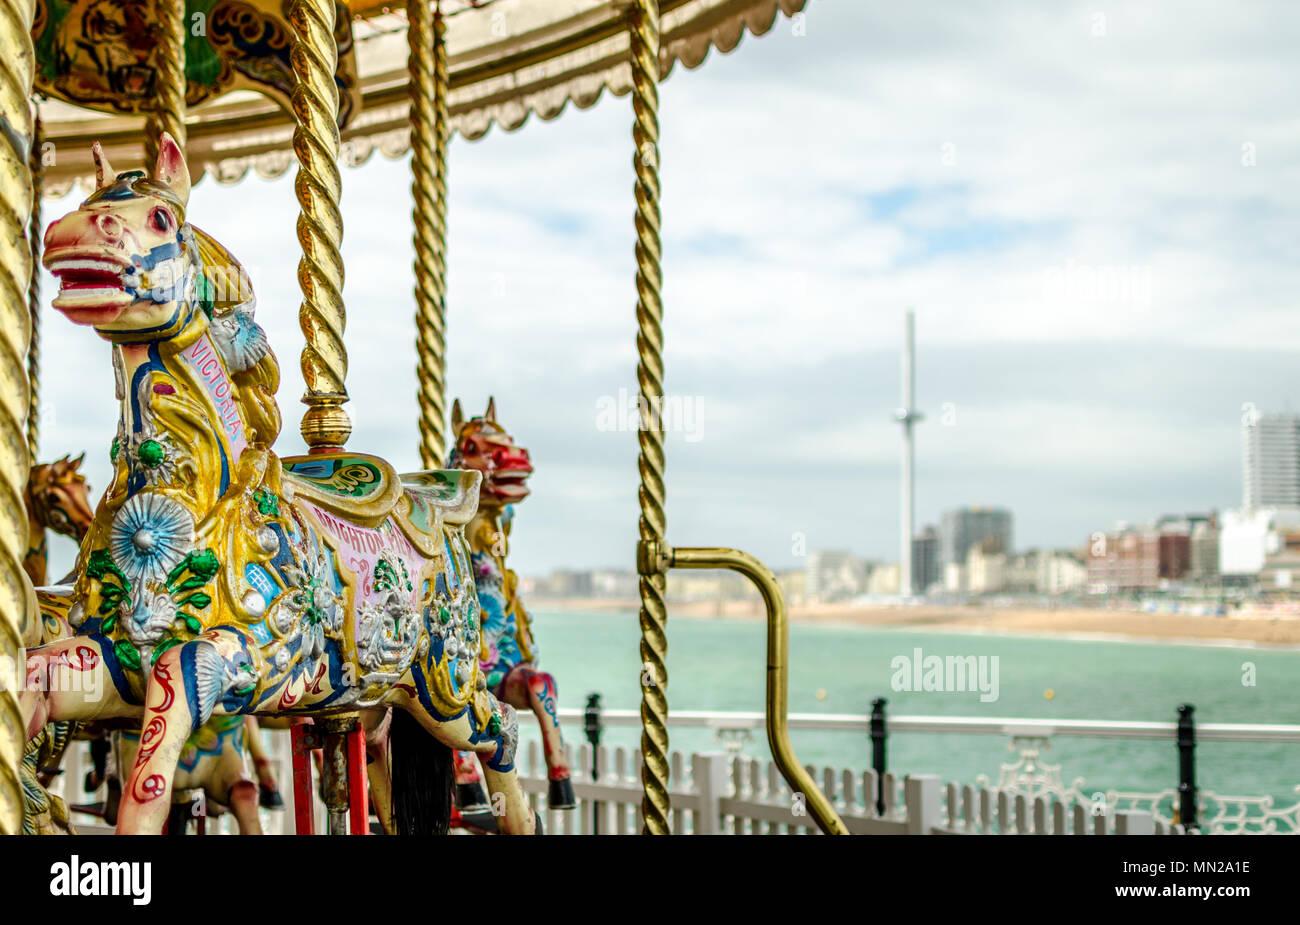 Una vista dal Molo di Brighton con la tradizionale Giostra cavalli sul molo e la British Airways i360 torre di osservazione a distanza. Immagini Stock